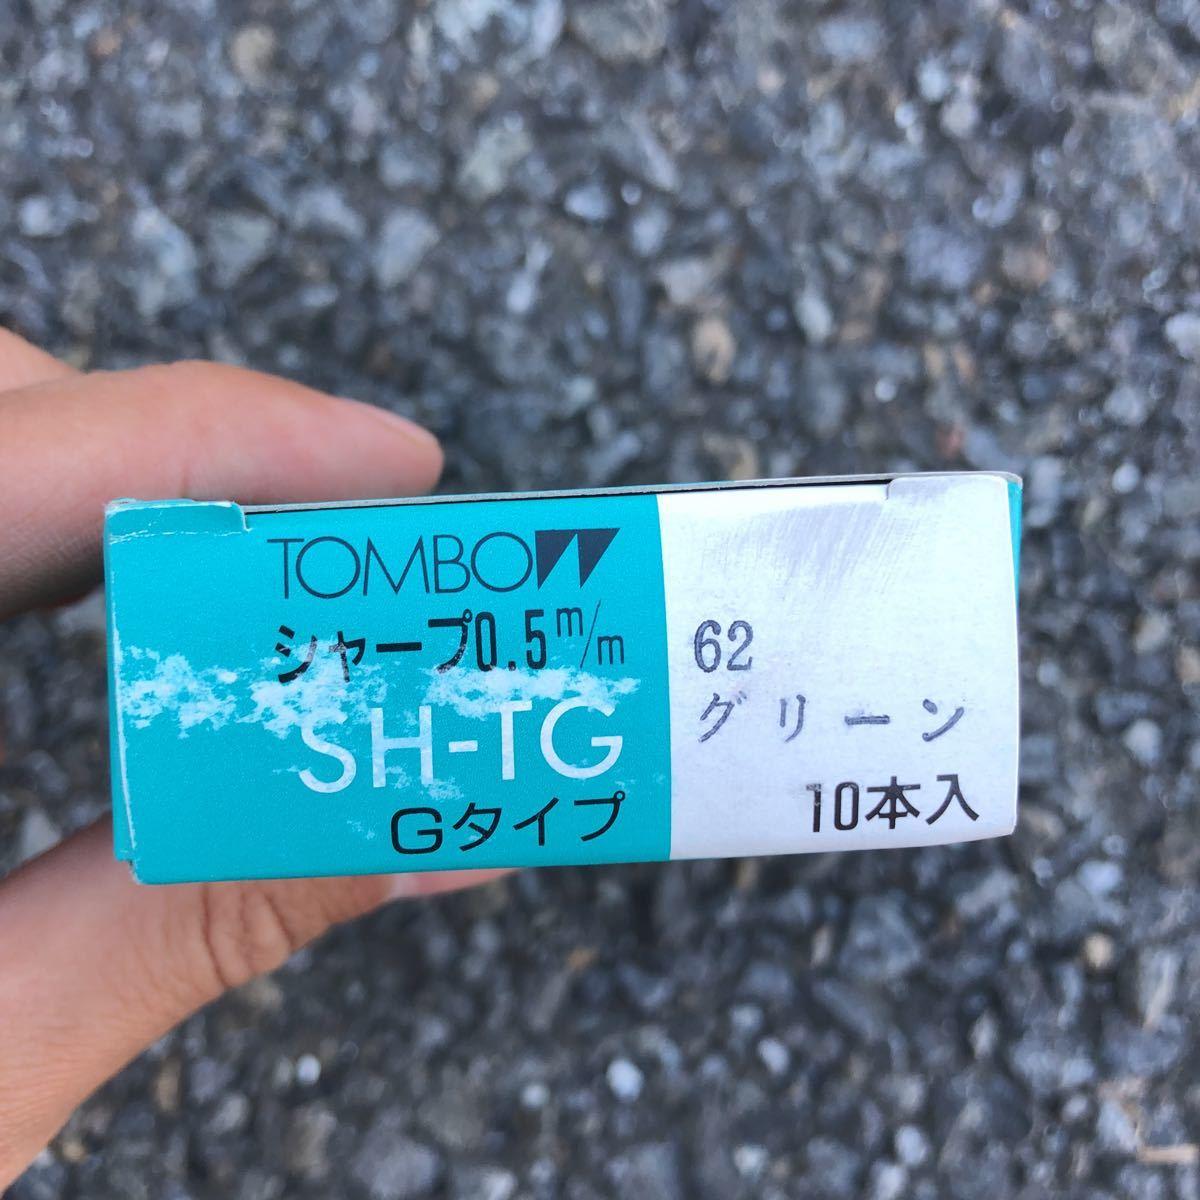 送料無料【未使用】トンボ鉛筆 SH-TG G-type 廃盤 廃番 10本入 デッドストック シャープペンシル 0.5mm グリーン_画像3